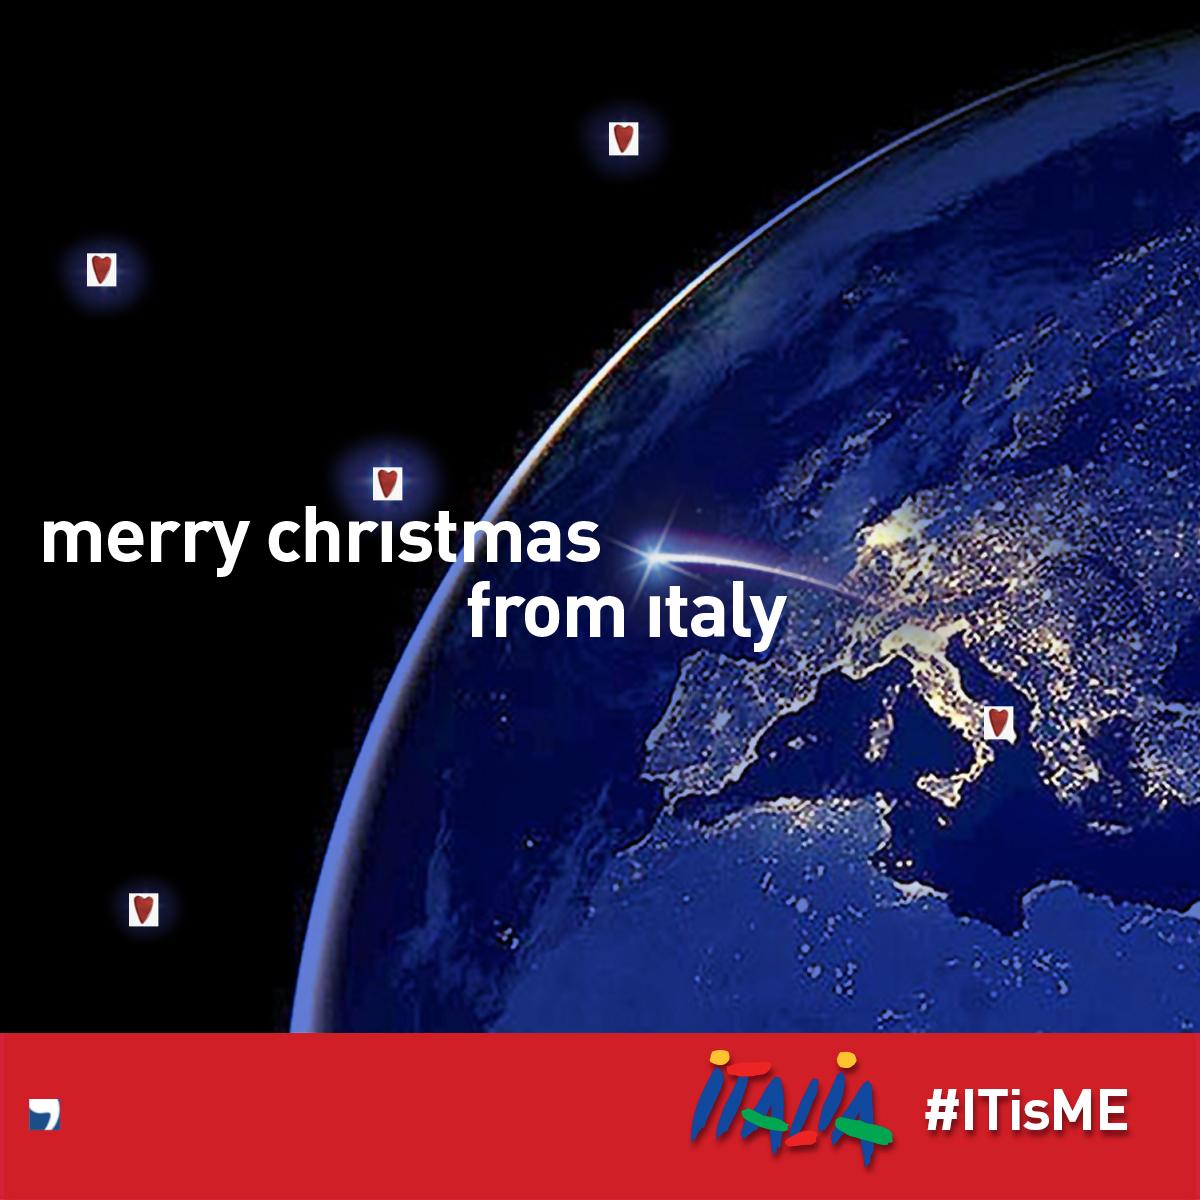 #ITisME